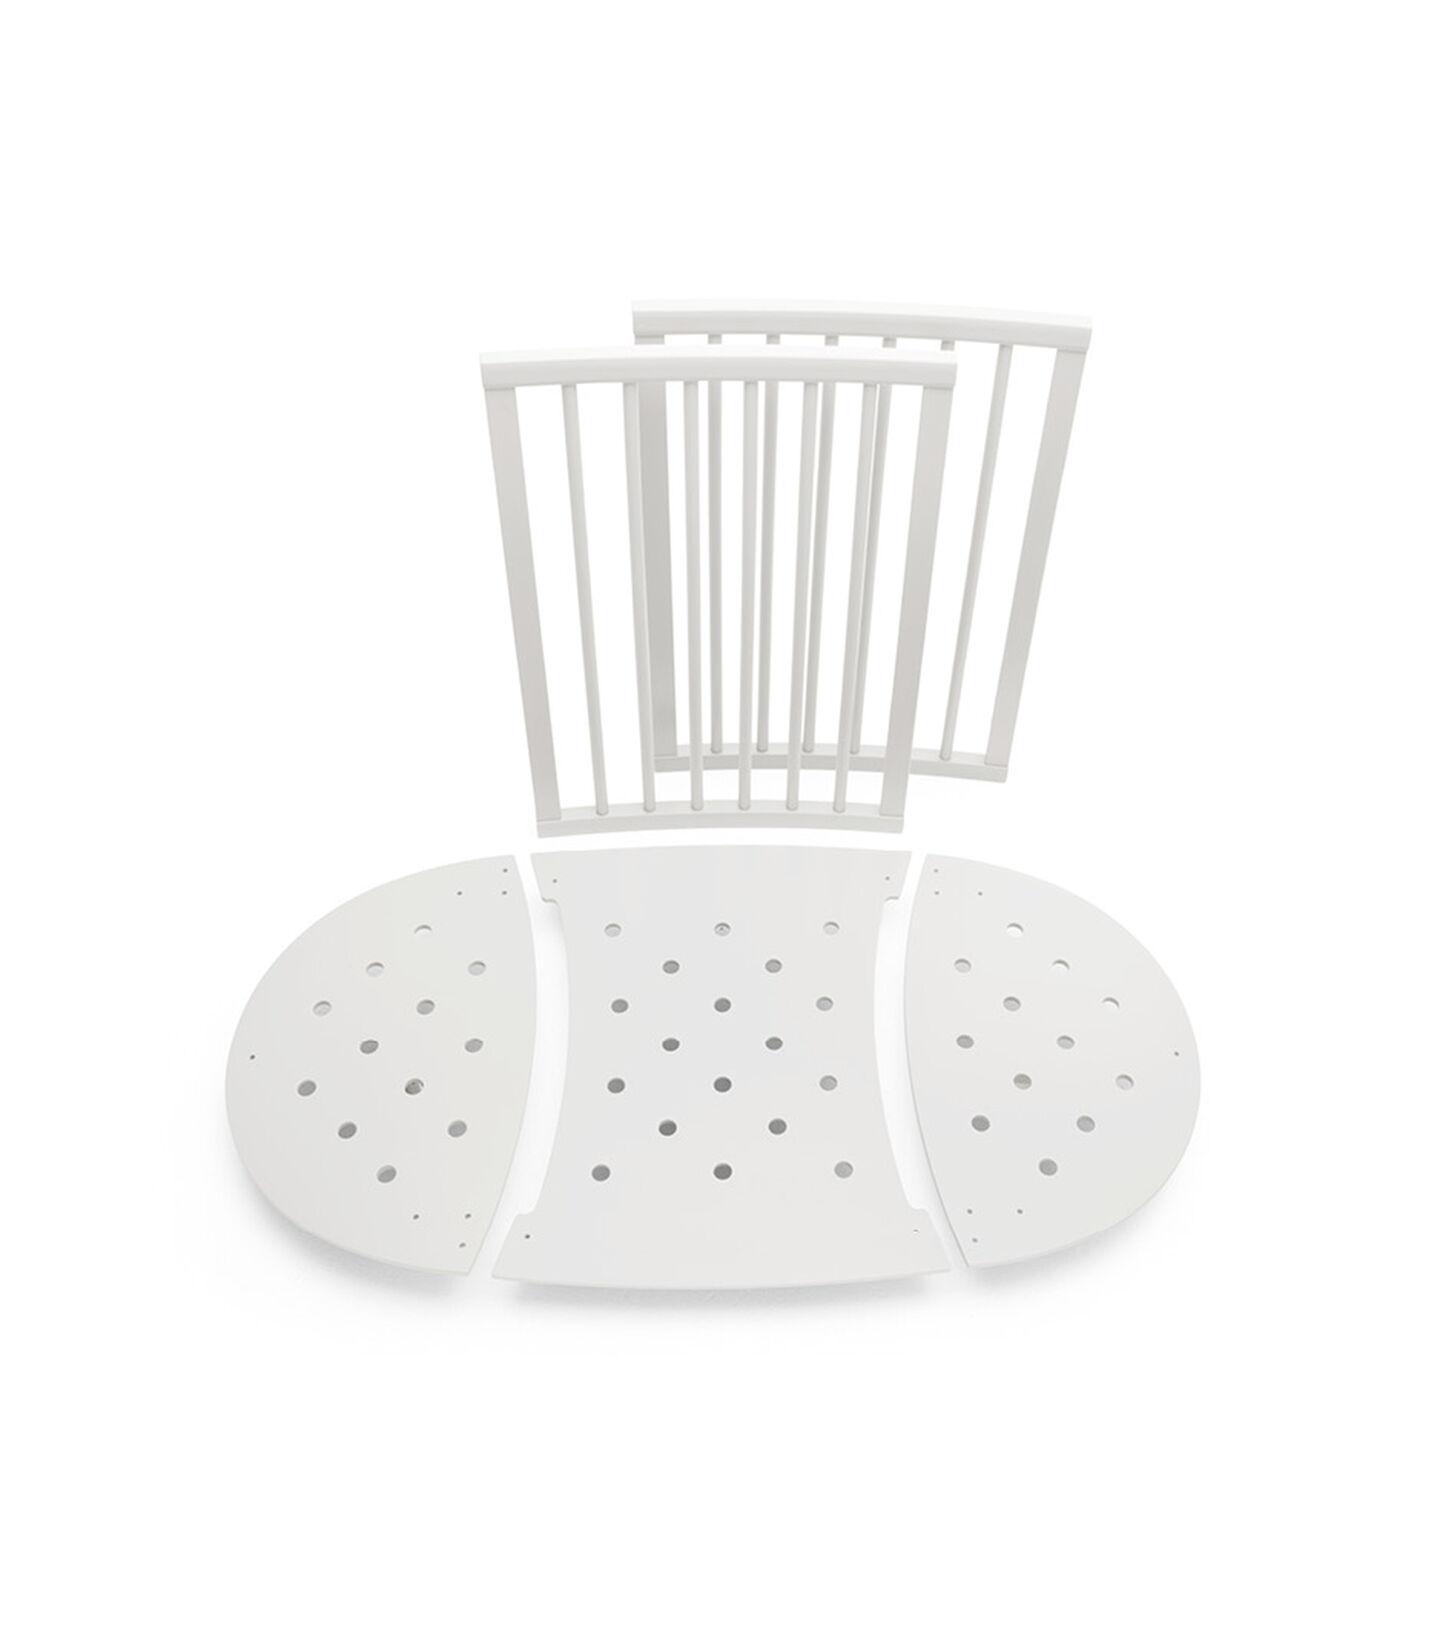 Stokke® Sleepi™ Bed Uitbreidingset White, White, mainview view 1